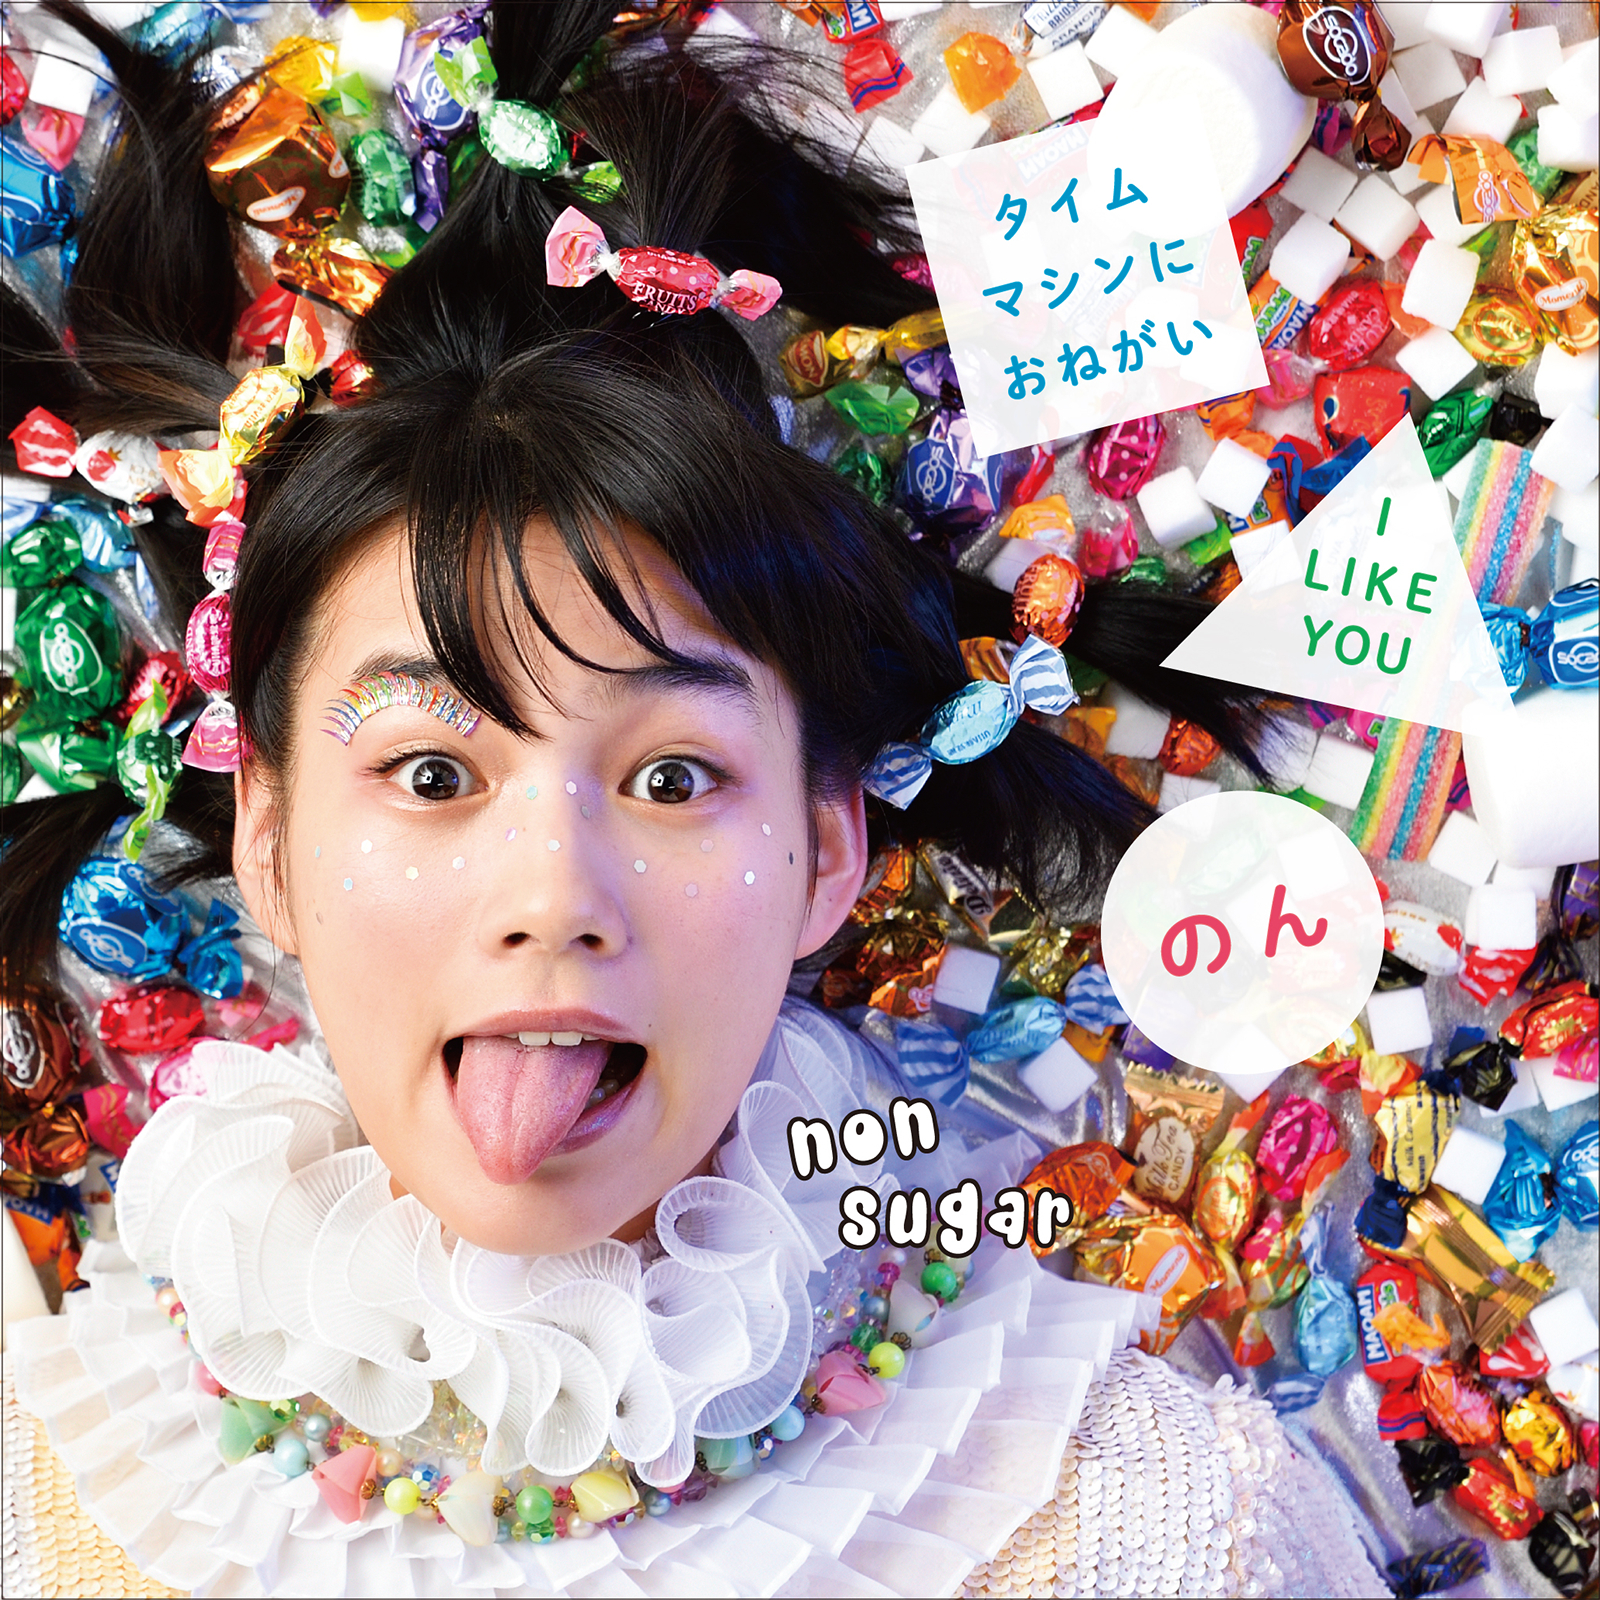 のん (本名:能年玲奈) 配信限定シングル『オヒロメ・パックEP』(2017年9月20日発売) 高画質ジャケット画像